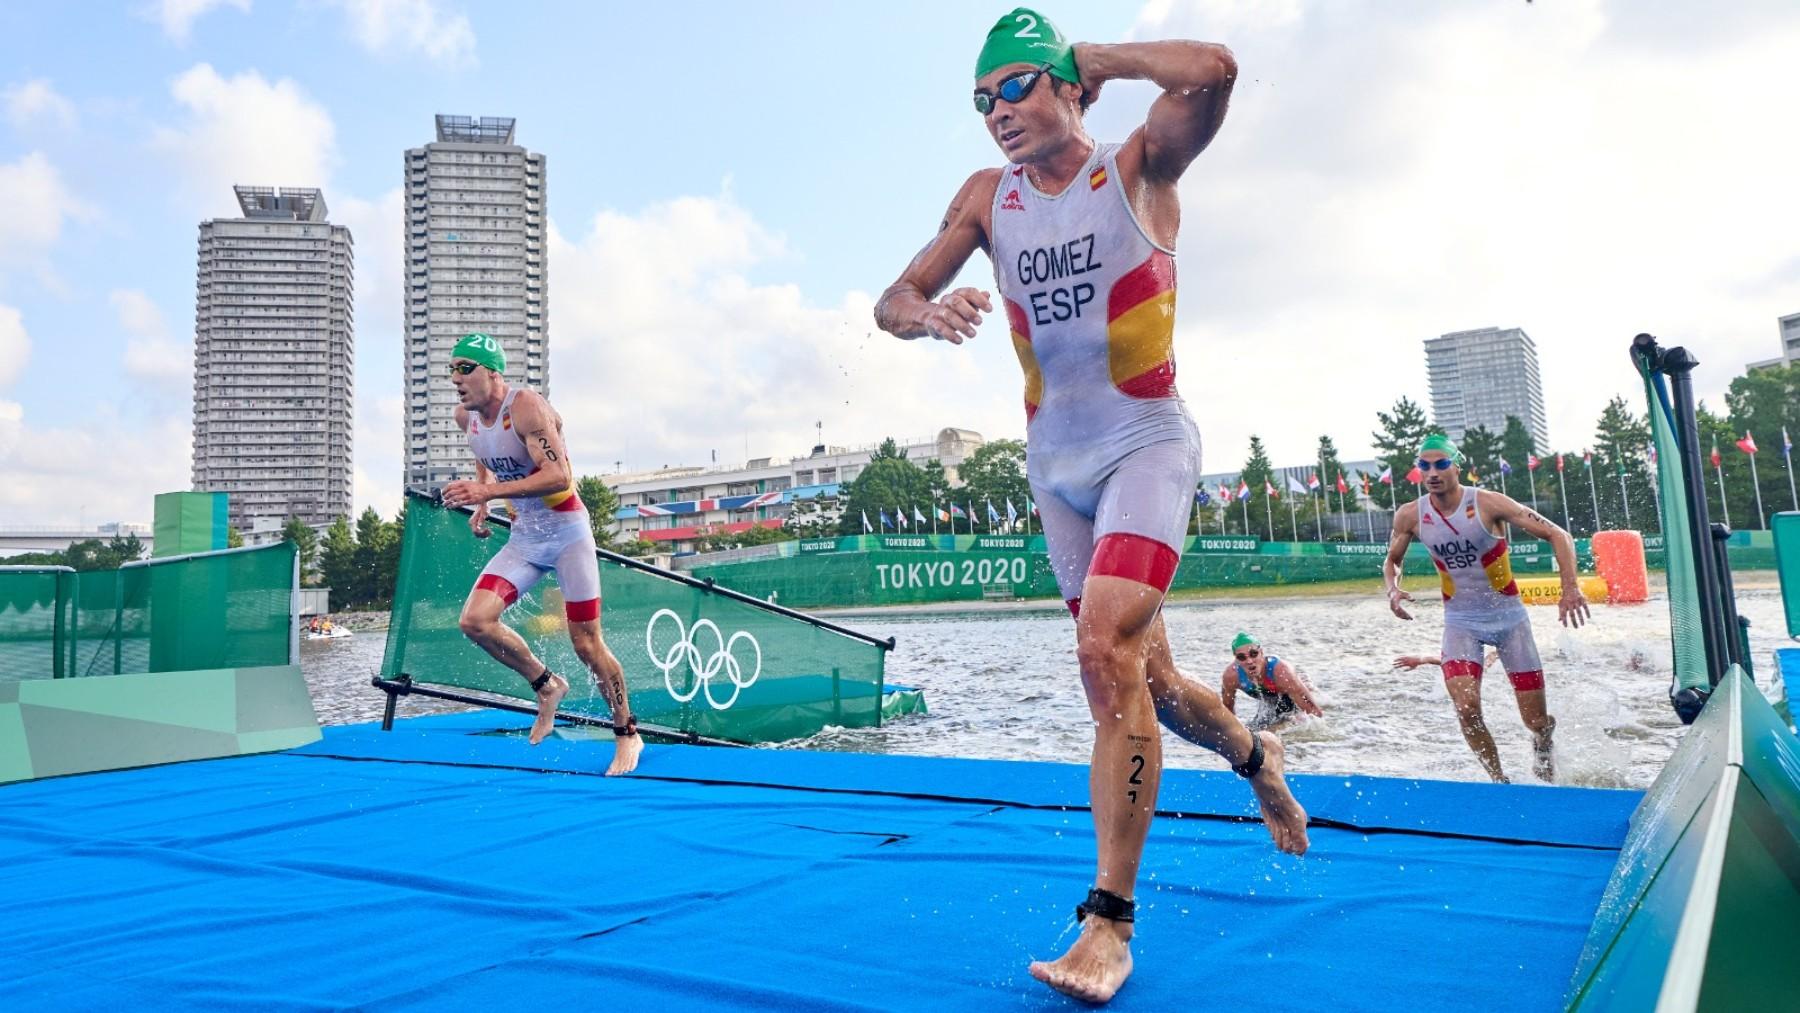 El equipo español coincidió a la salida del agua en triatlón. (COE)